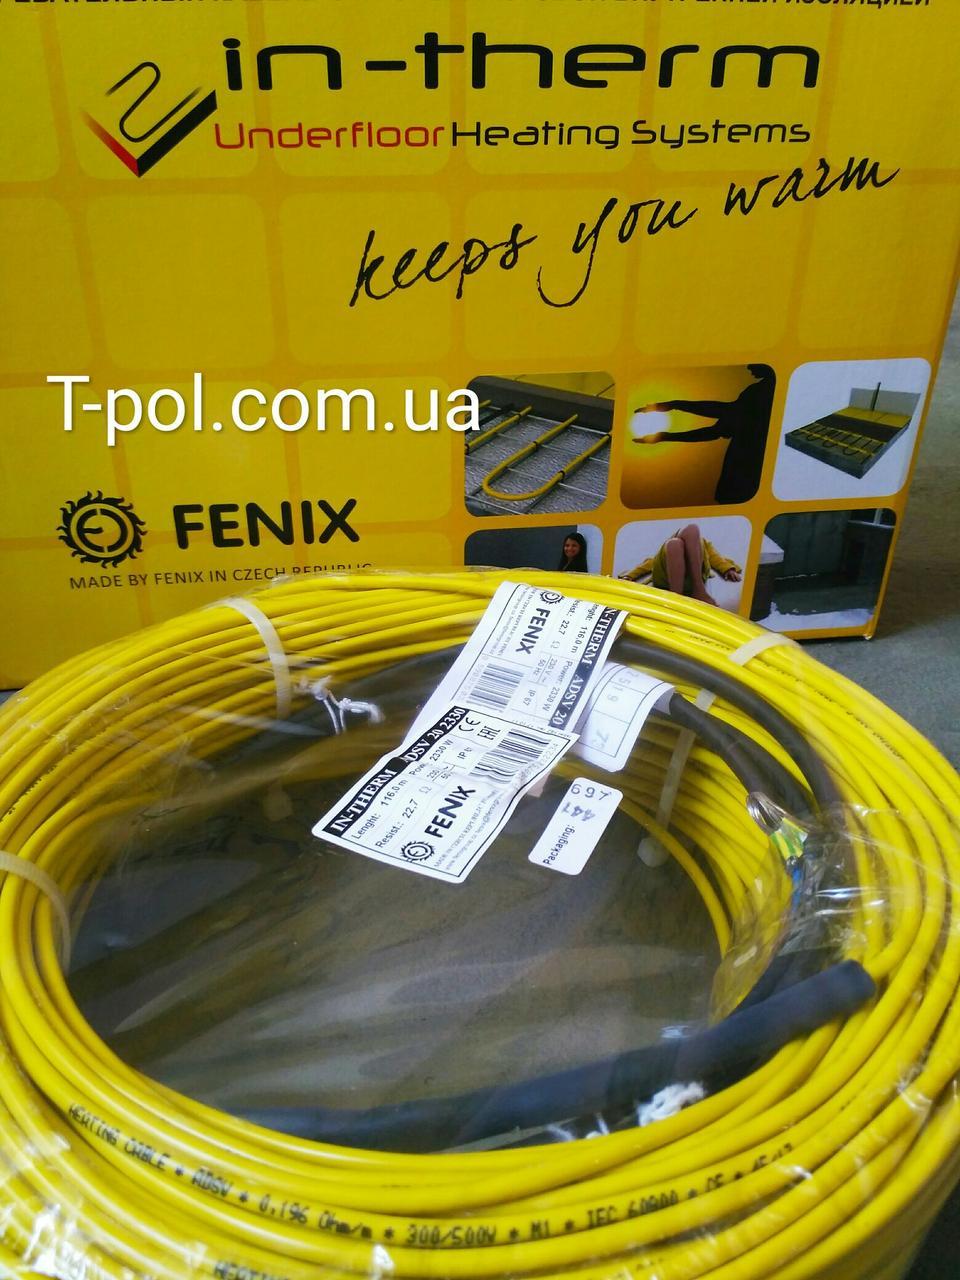 Двужильный экранированный нагревательный кабель adsv20 In-therm 640 вт, 32 м